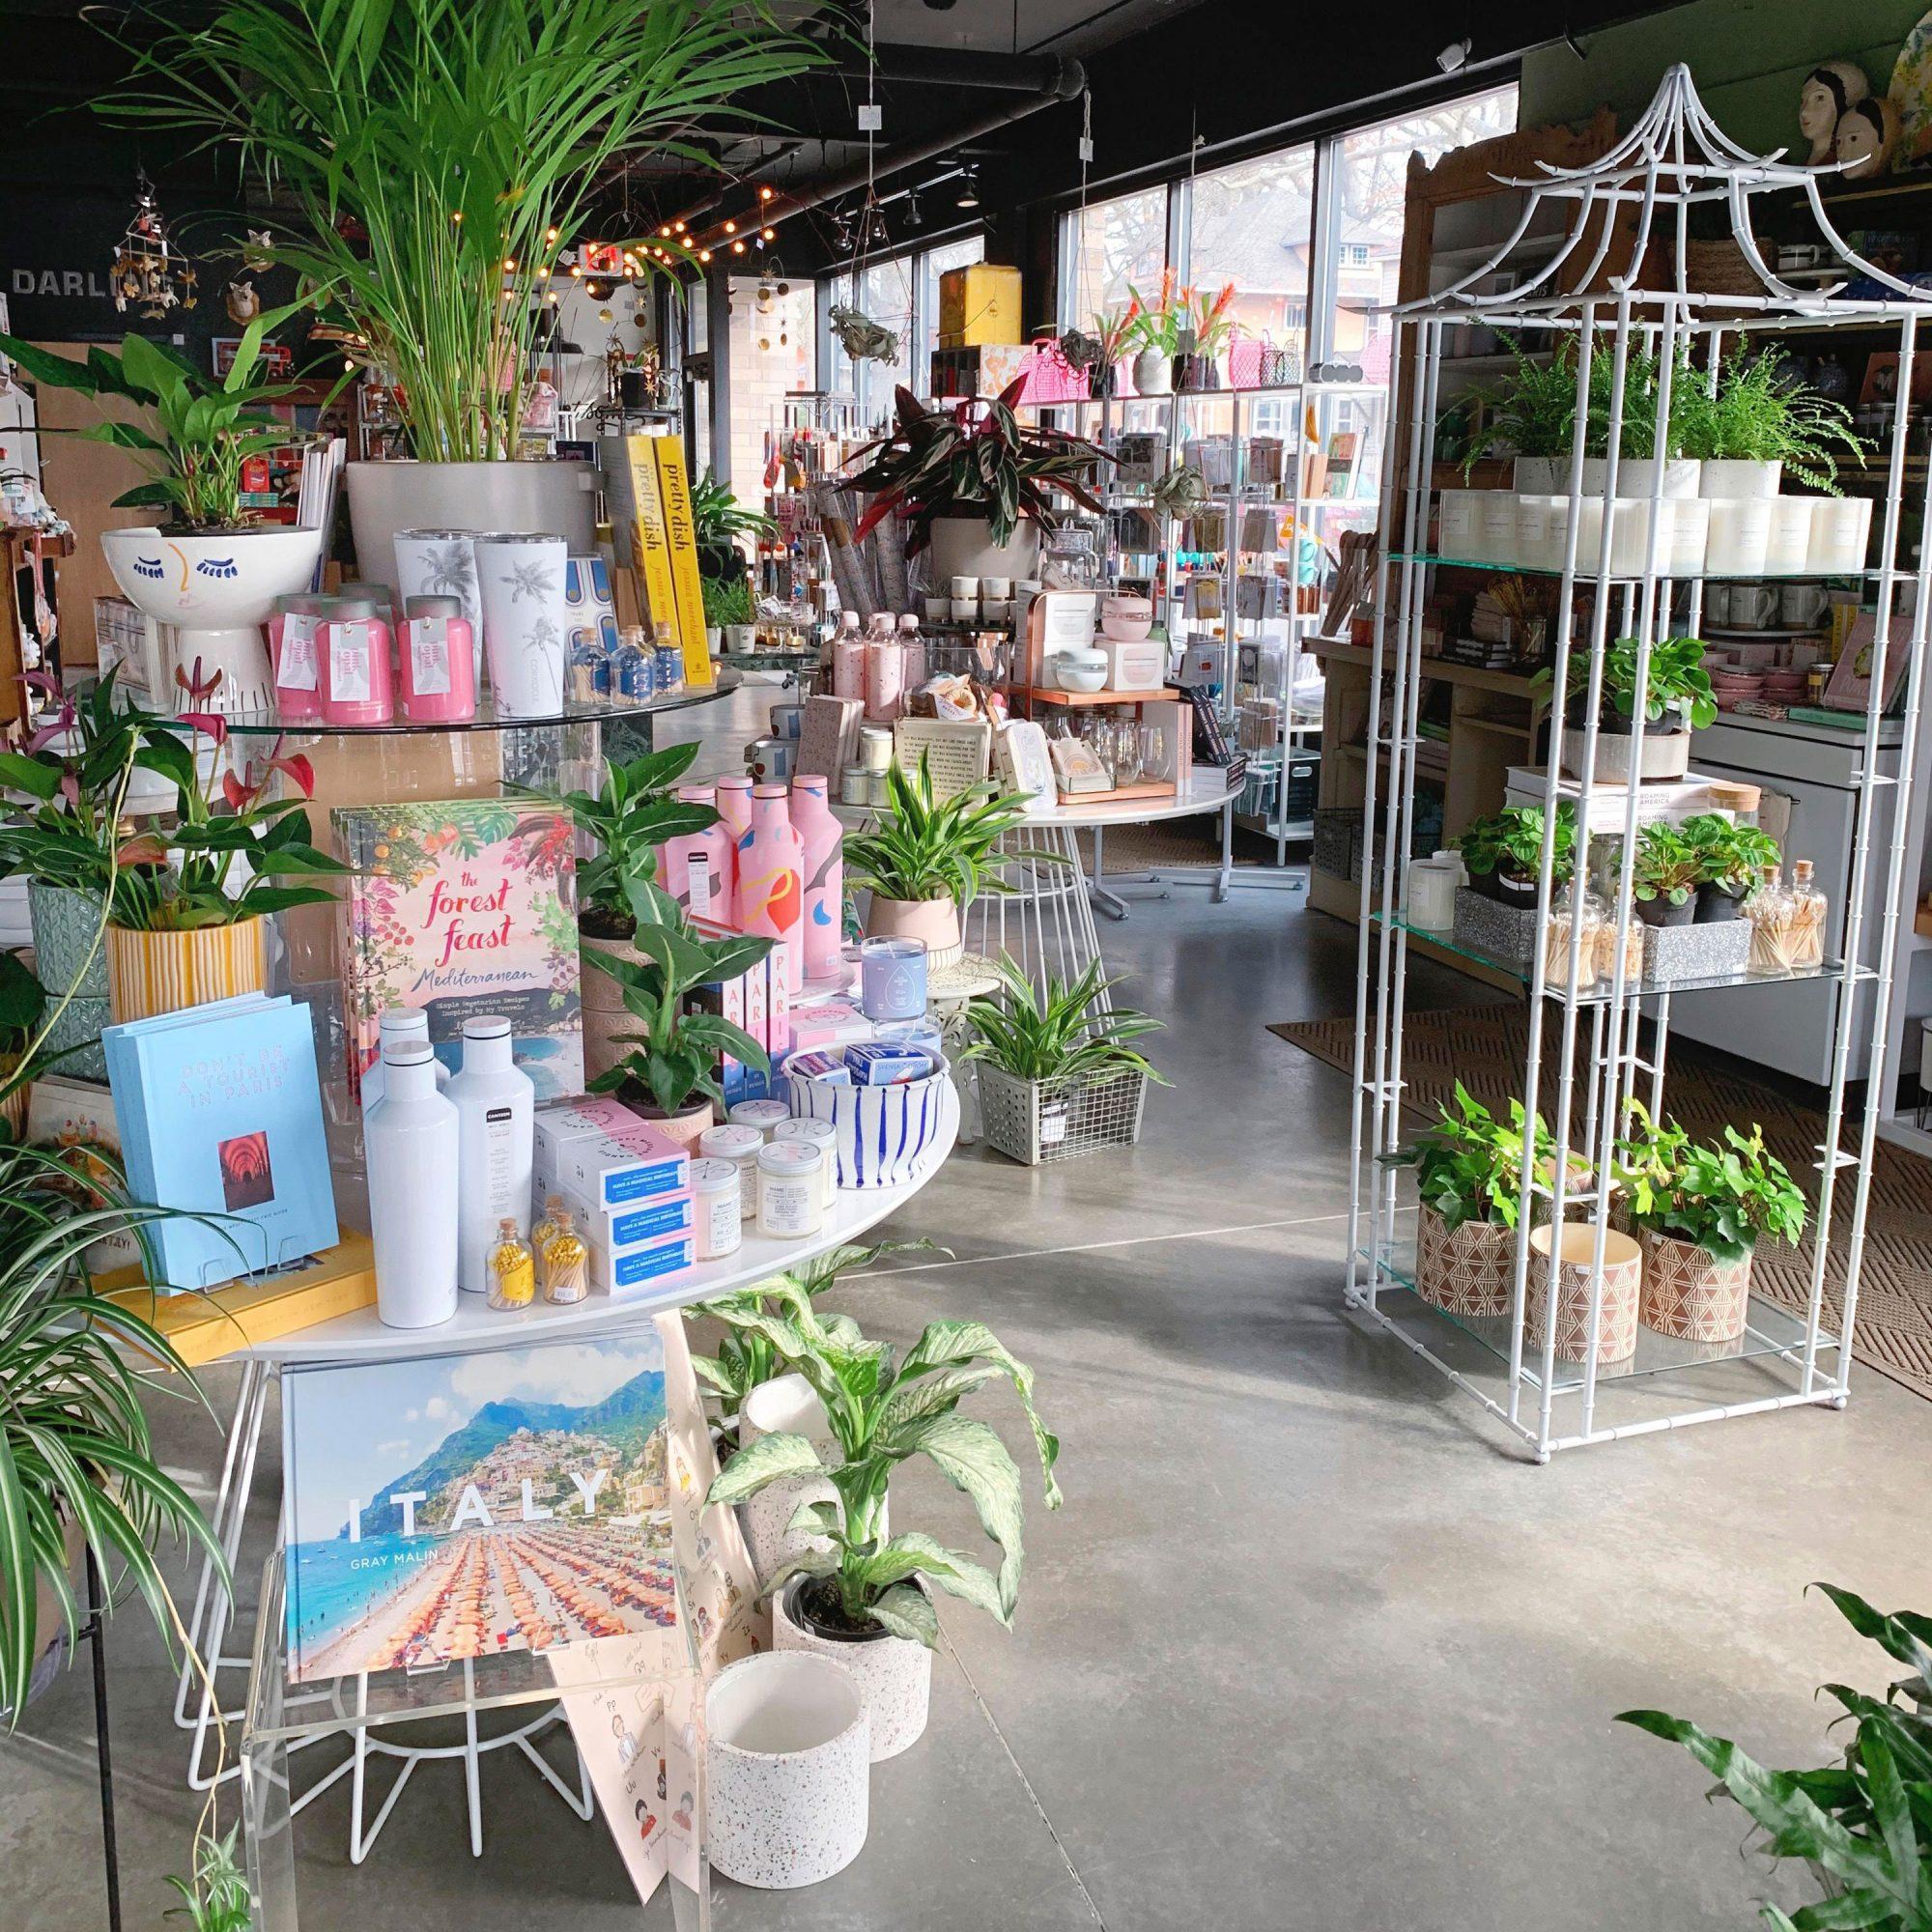 Rebel gift shop